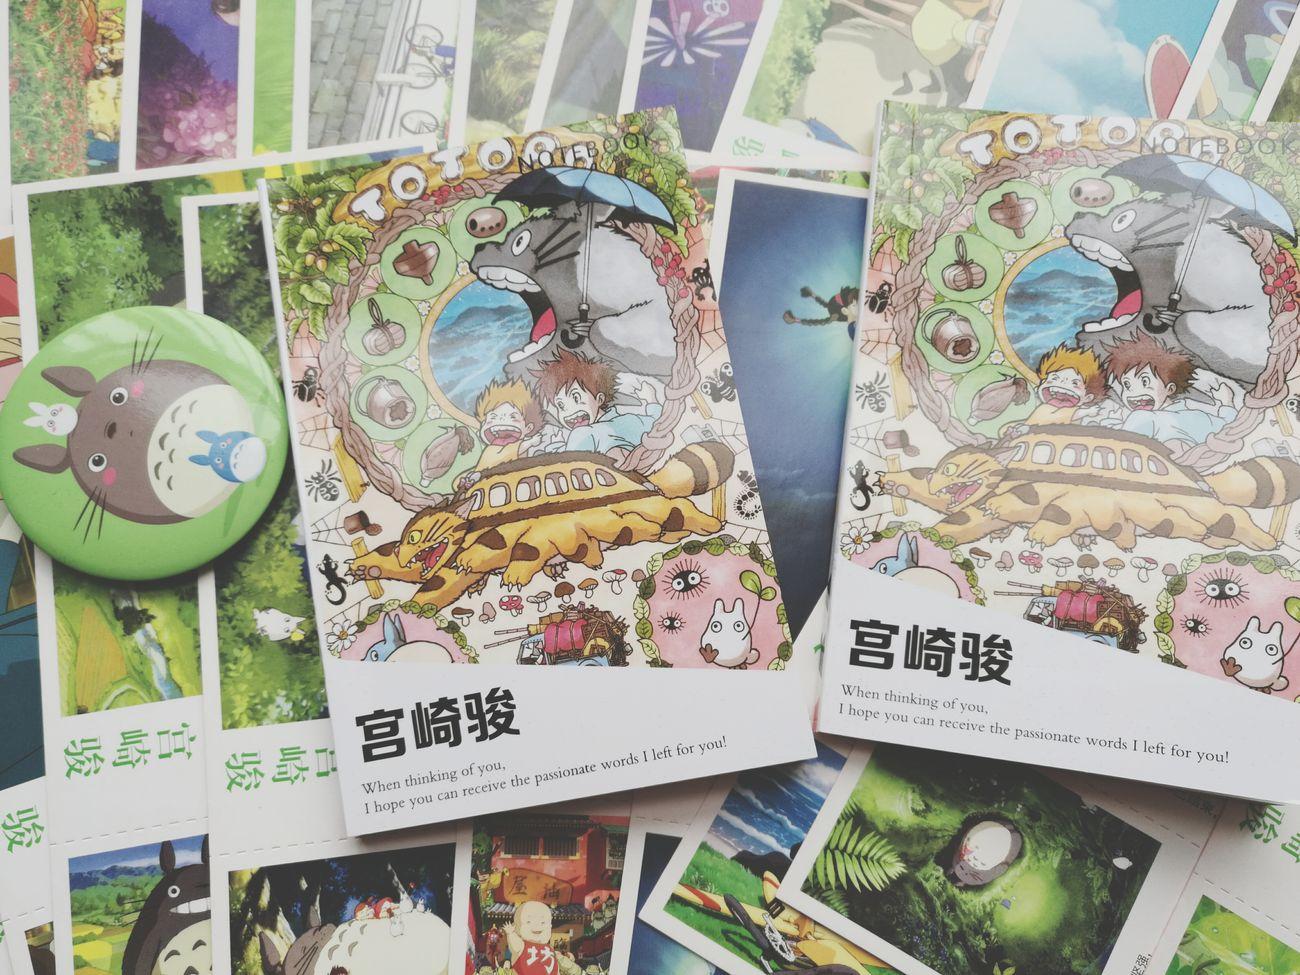 宫崎骏 Miyazaki Hayao